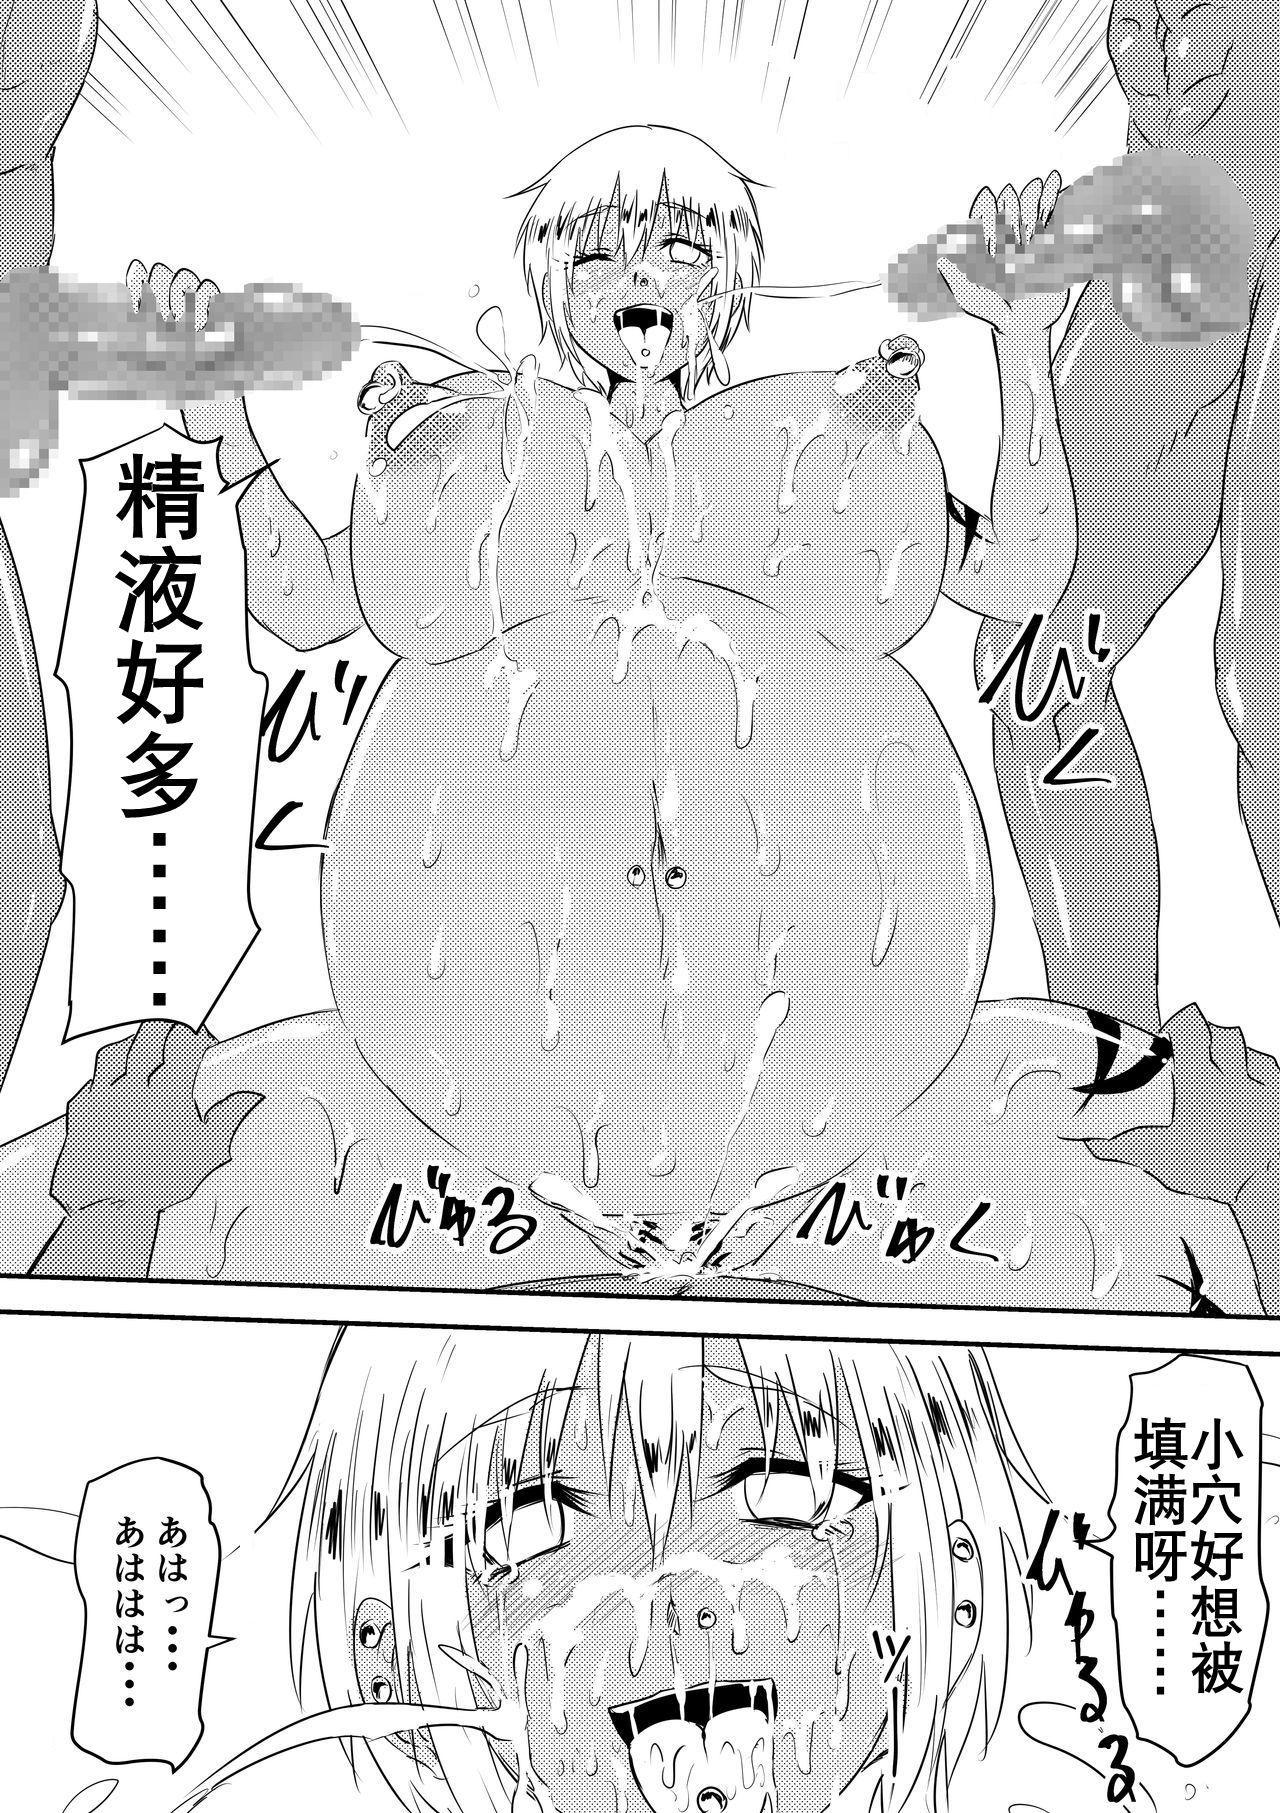 Sports Shoujo ga Ryoujoku Sarete Bitch-ka Suru Hanashi | 田径少女凌辱婊化 75